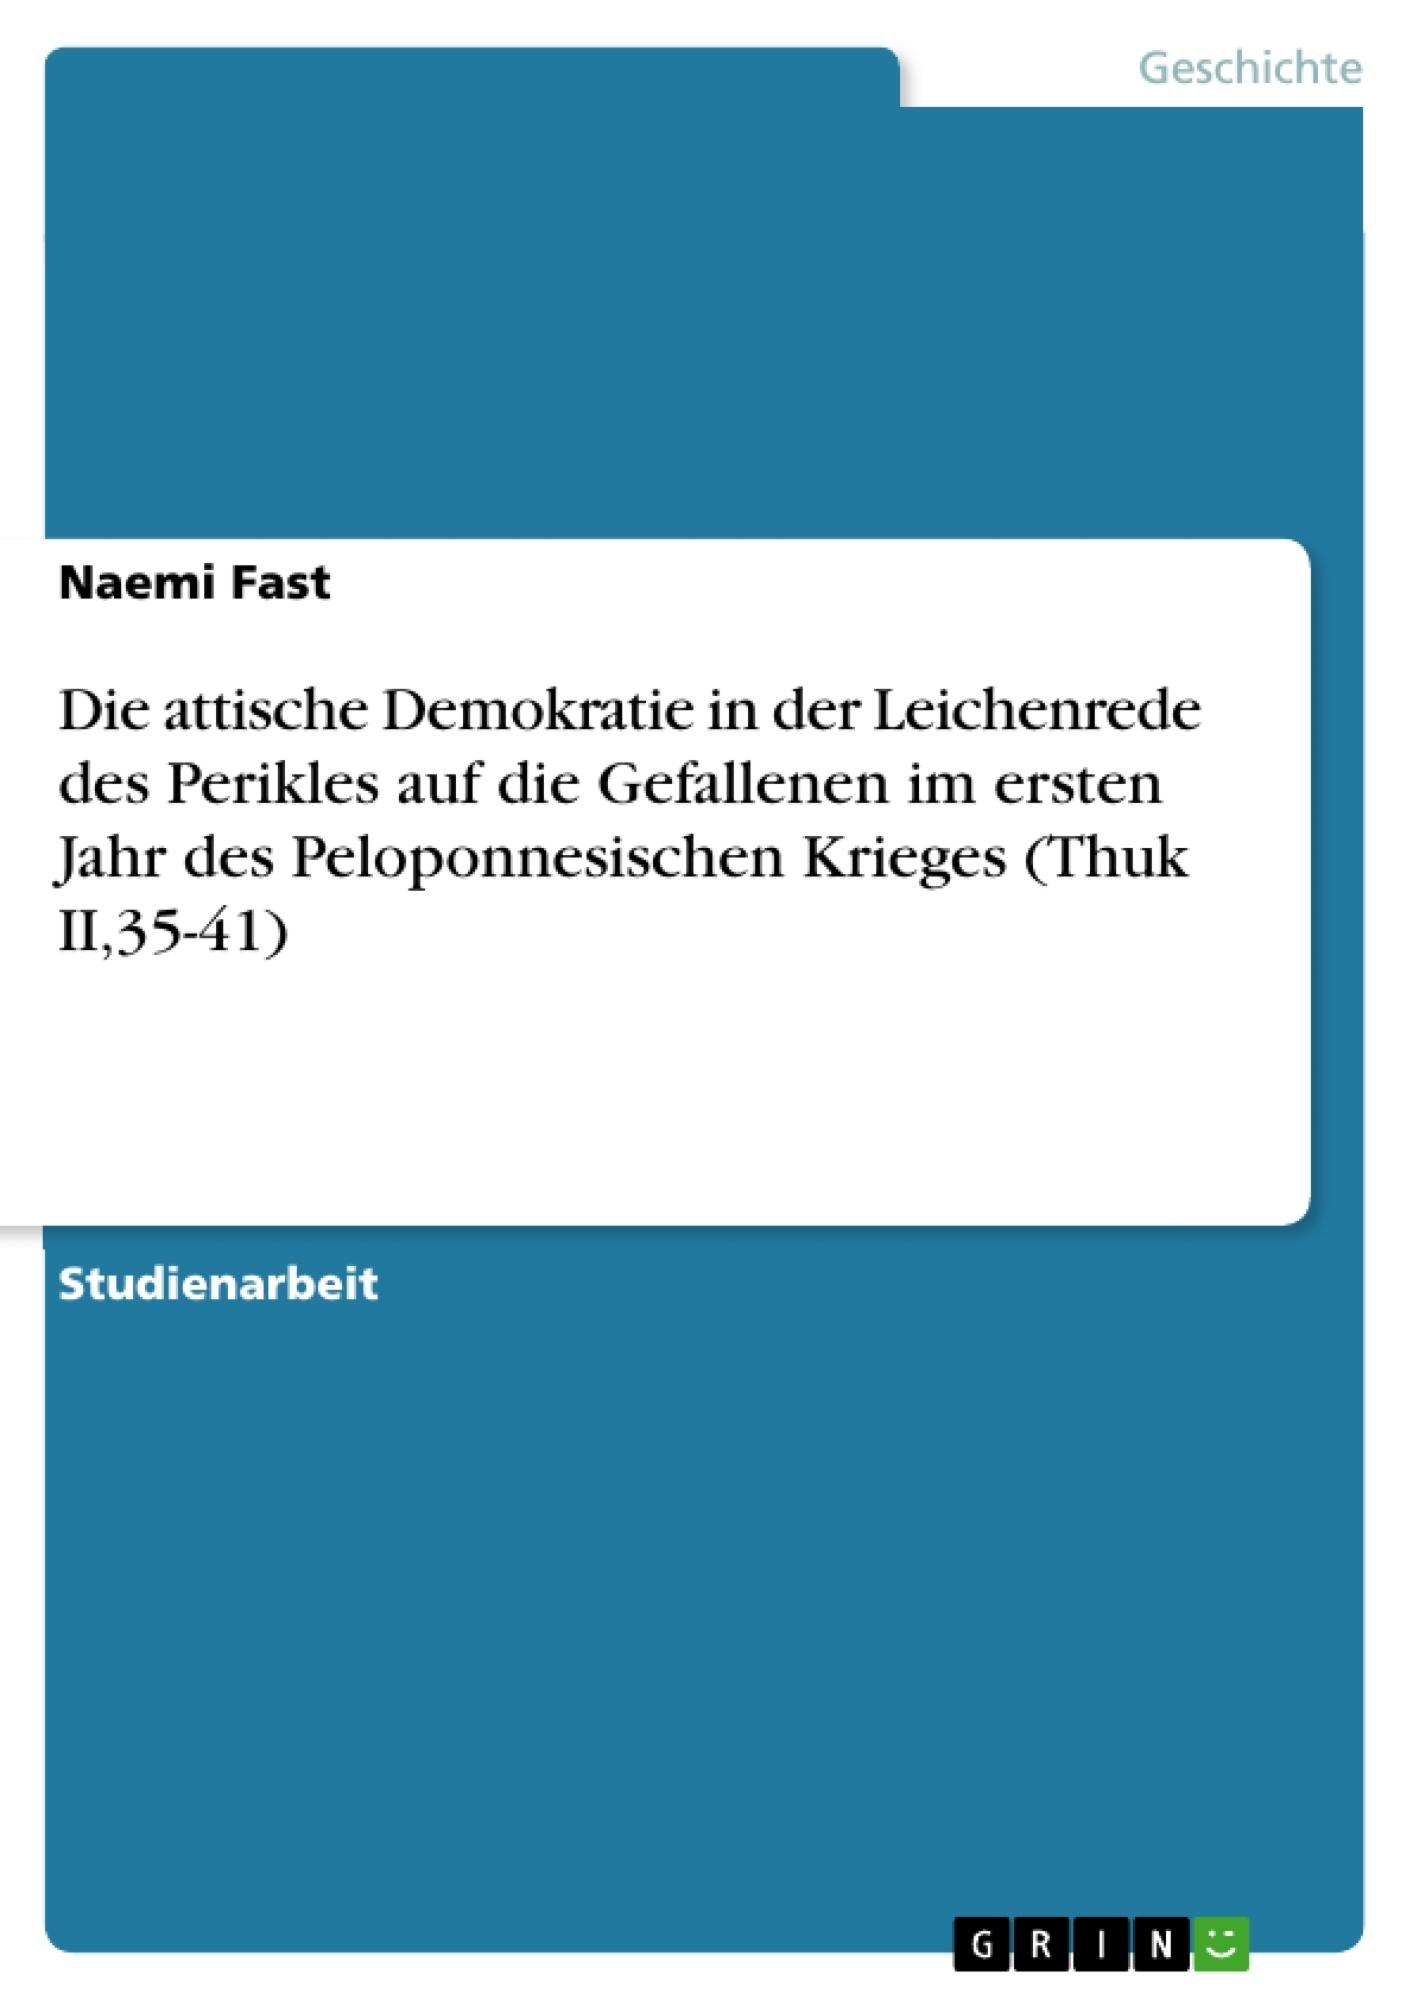 Titel: Die attische Demokratie in der Leichenrede des Perikles auf die Gefallenen im ersten Jahr des Peloponnesischen Krieges (Thuk II,35-41)